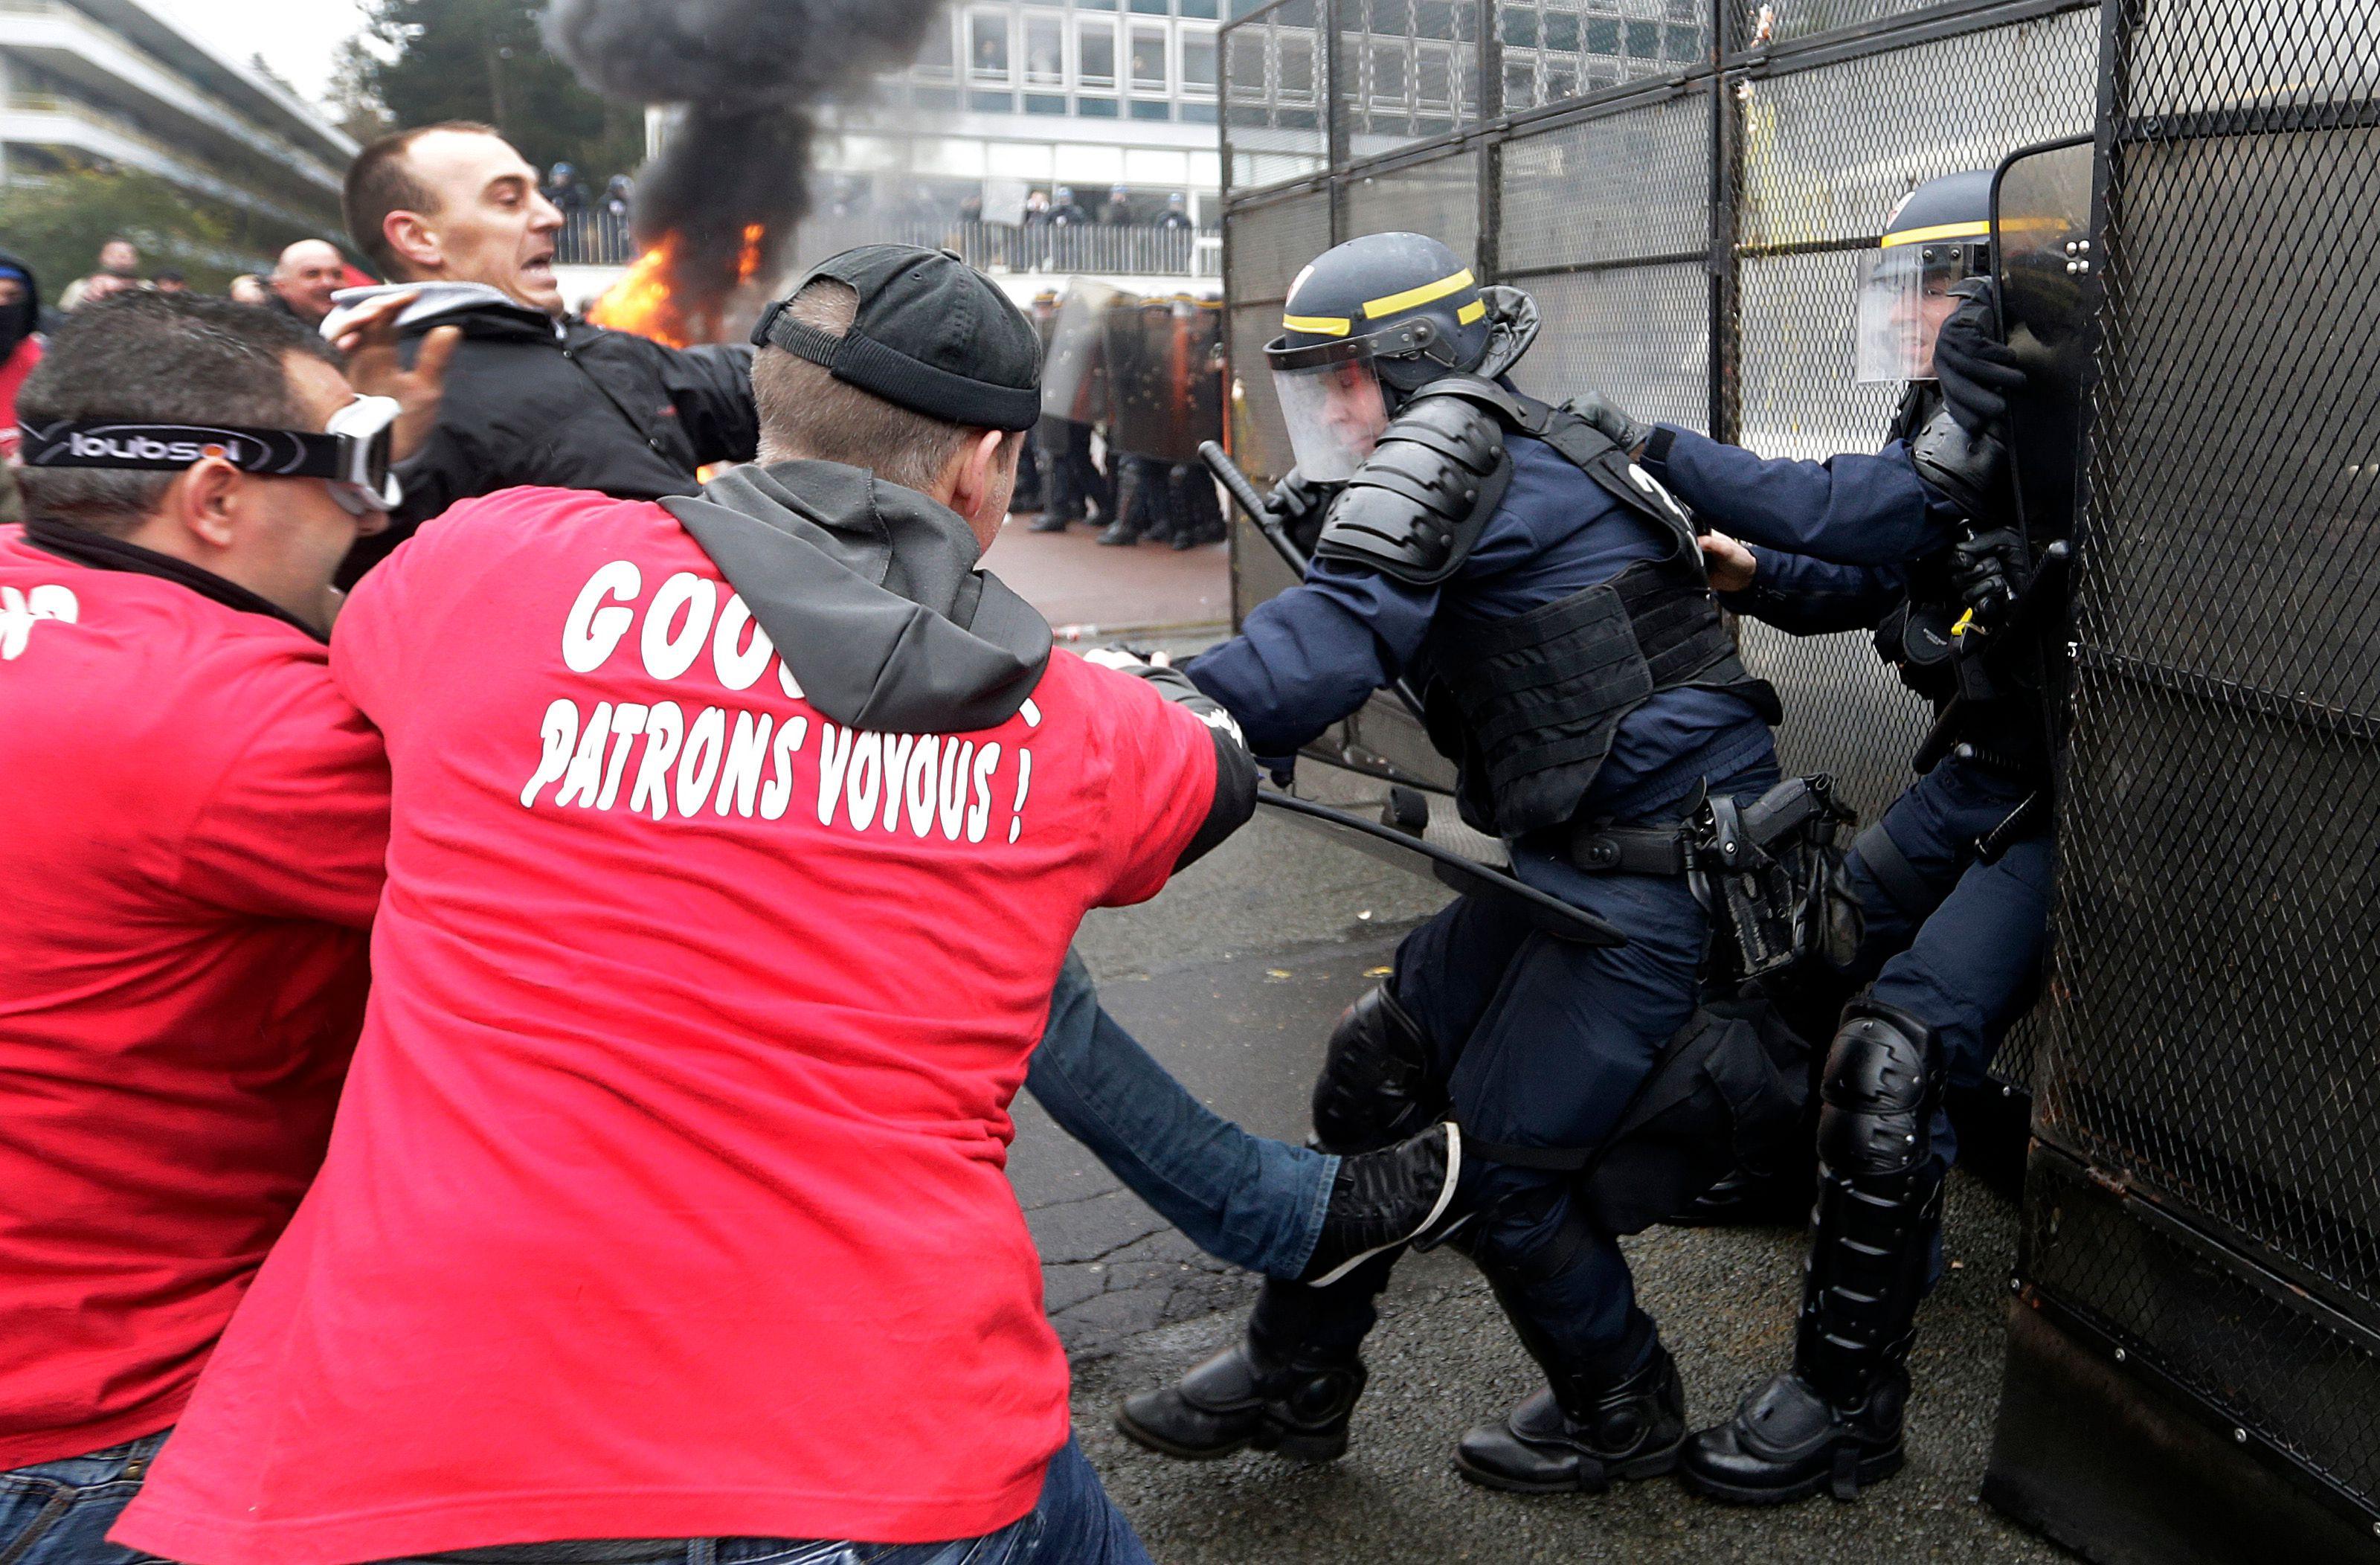 Le rassemblement de centaines de salariés devant le siège de l'entreprise Goodyear a tourné à l'affrontement avec les forces de l'ordre.